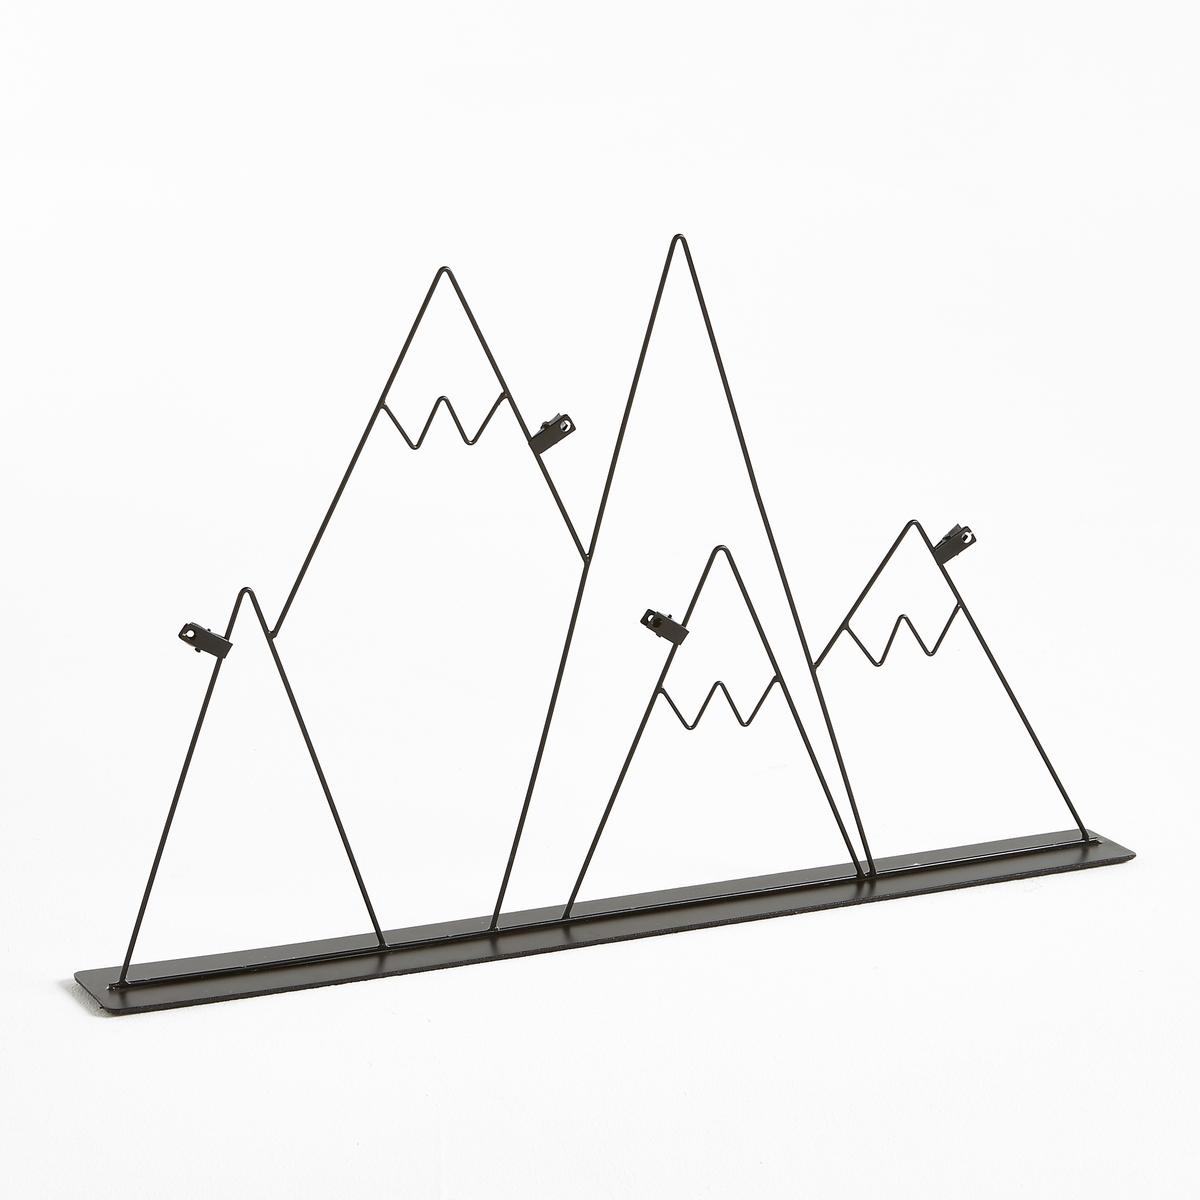 Рамка в форме гор TERIZМеталлическая рамка в форме гор для крепления любимых фотографий на различном уровне.Характеристики рамки Teriz  :Металлическая рамка, покрытая эпоксидной краской. Форма гор. ЗажимыРазмеры рамки Teriz  :65 x 6,5 смВысота 40 см<br><br>Цвет: черный